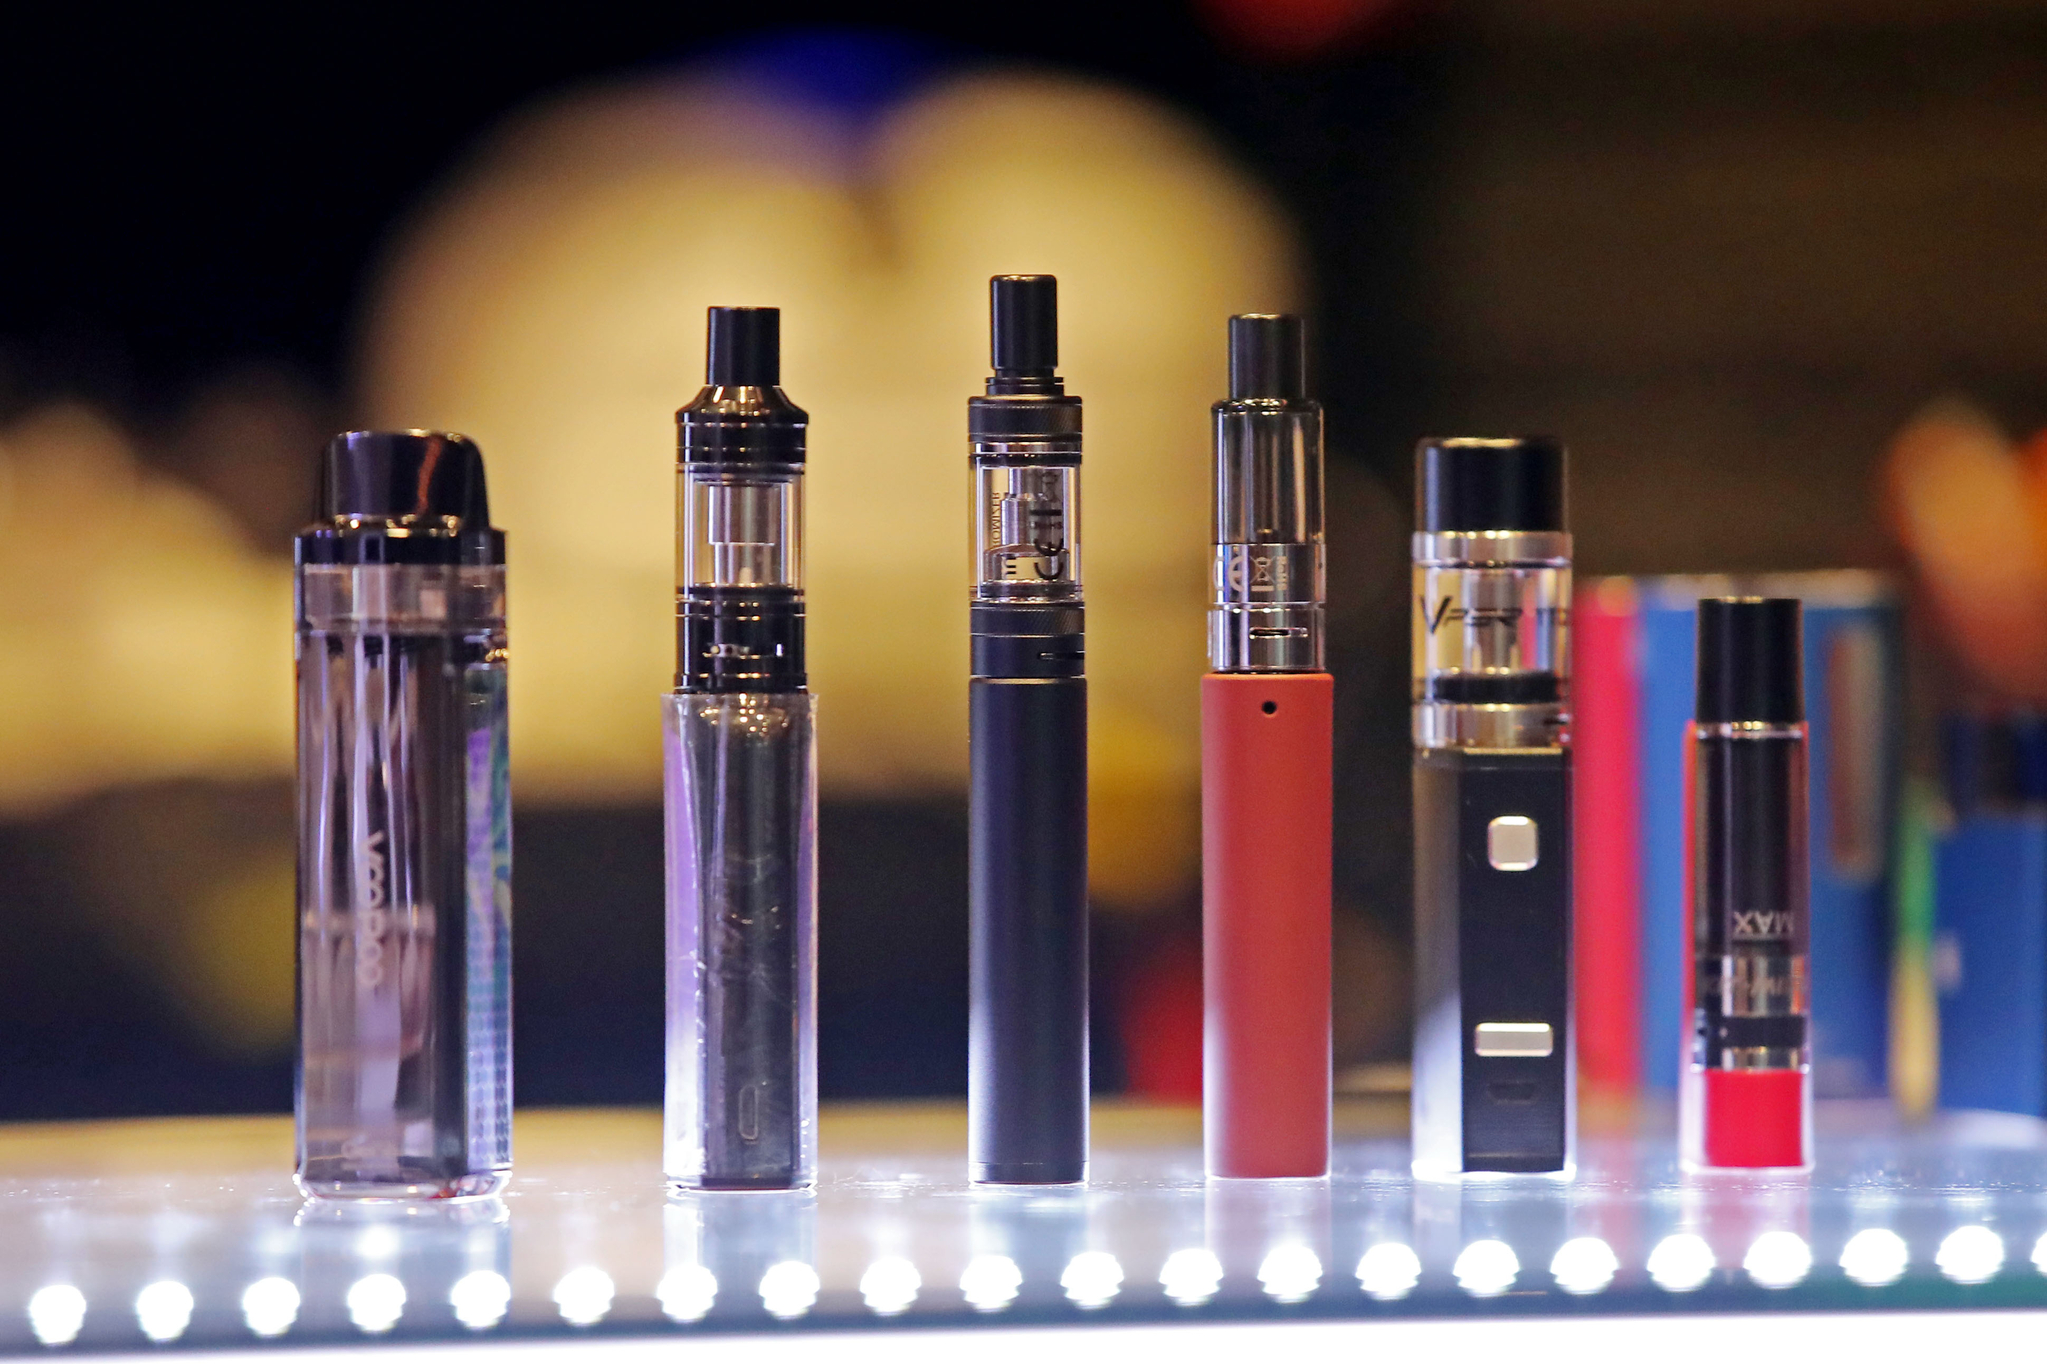 금연 위해 궐련·전자담배 혼용?···니코틴 중독 더 심해진다